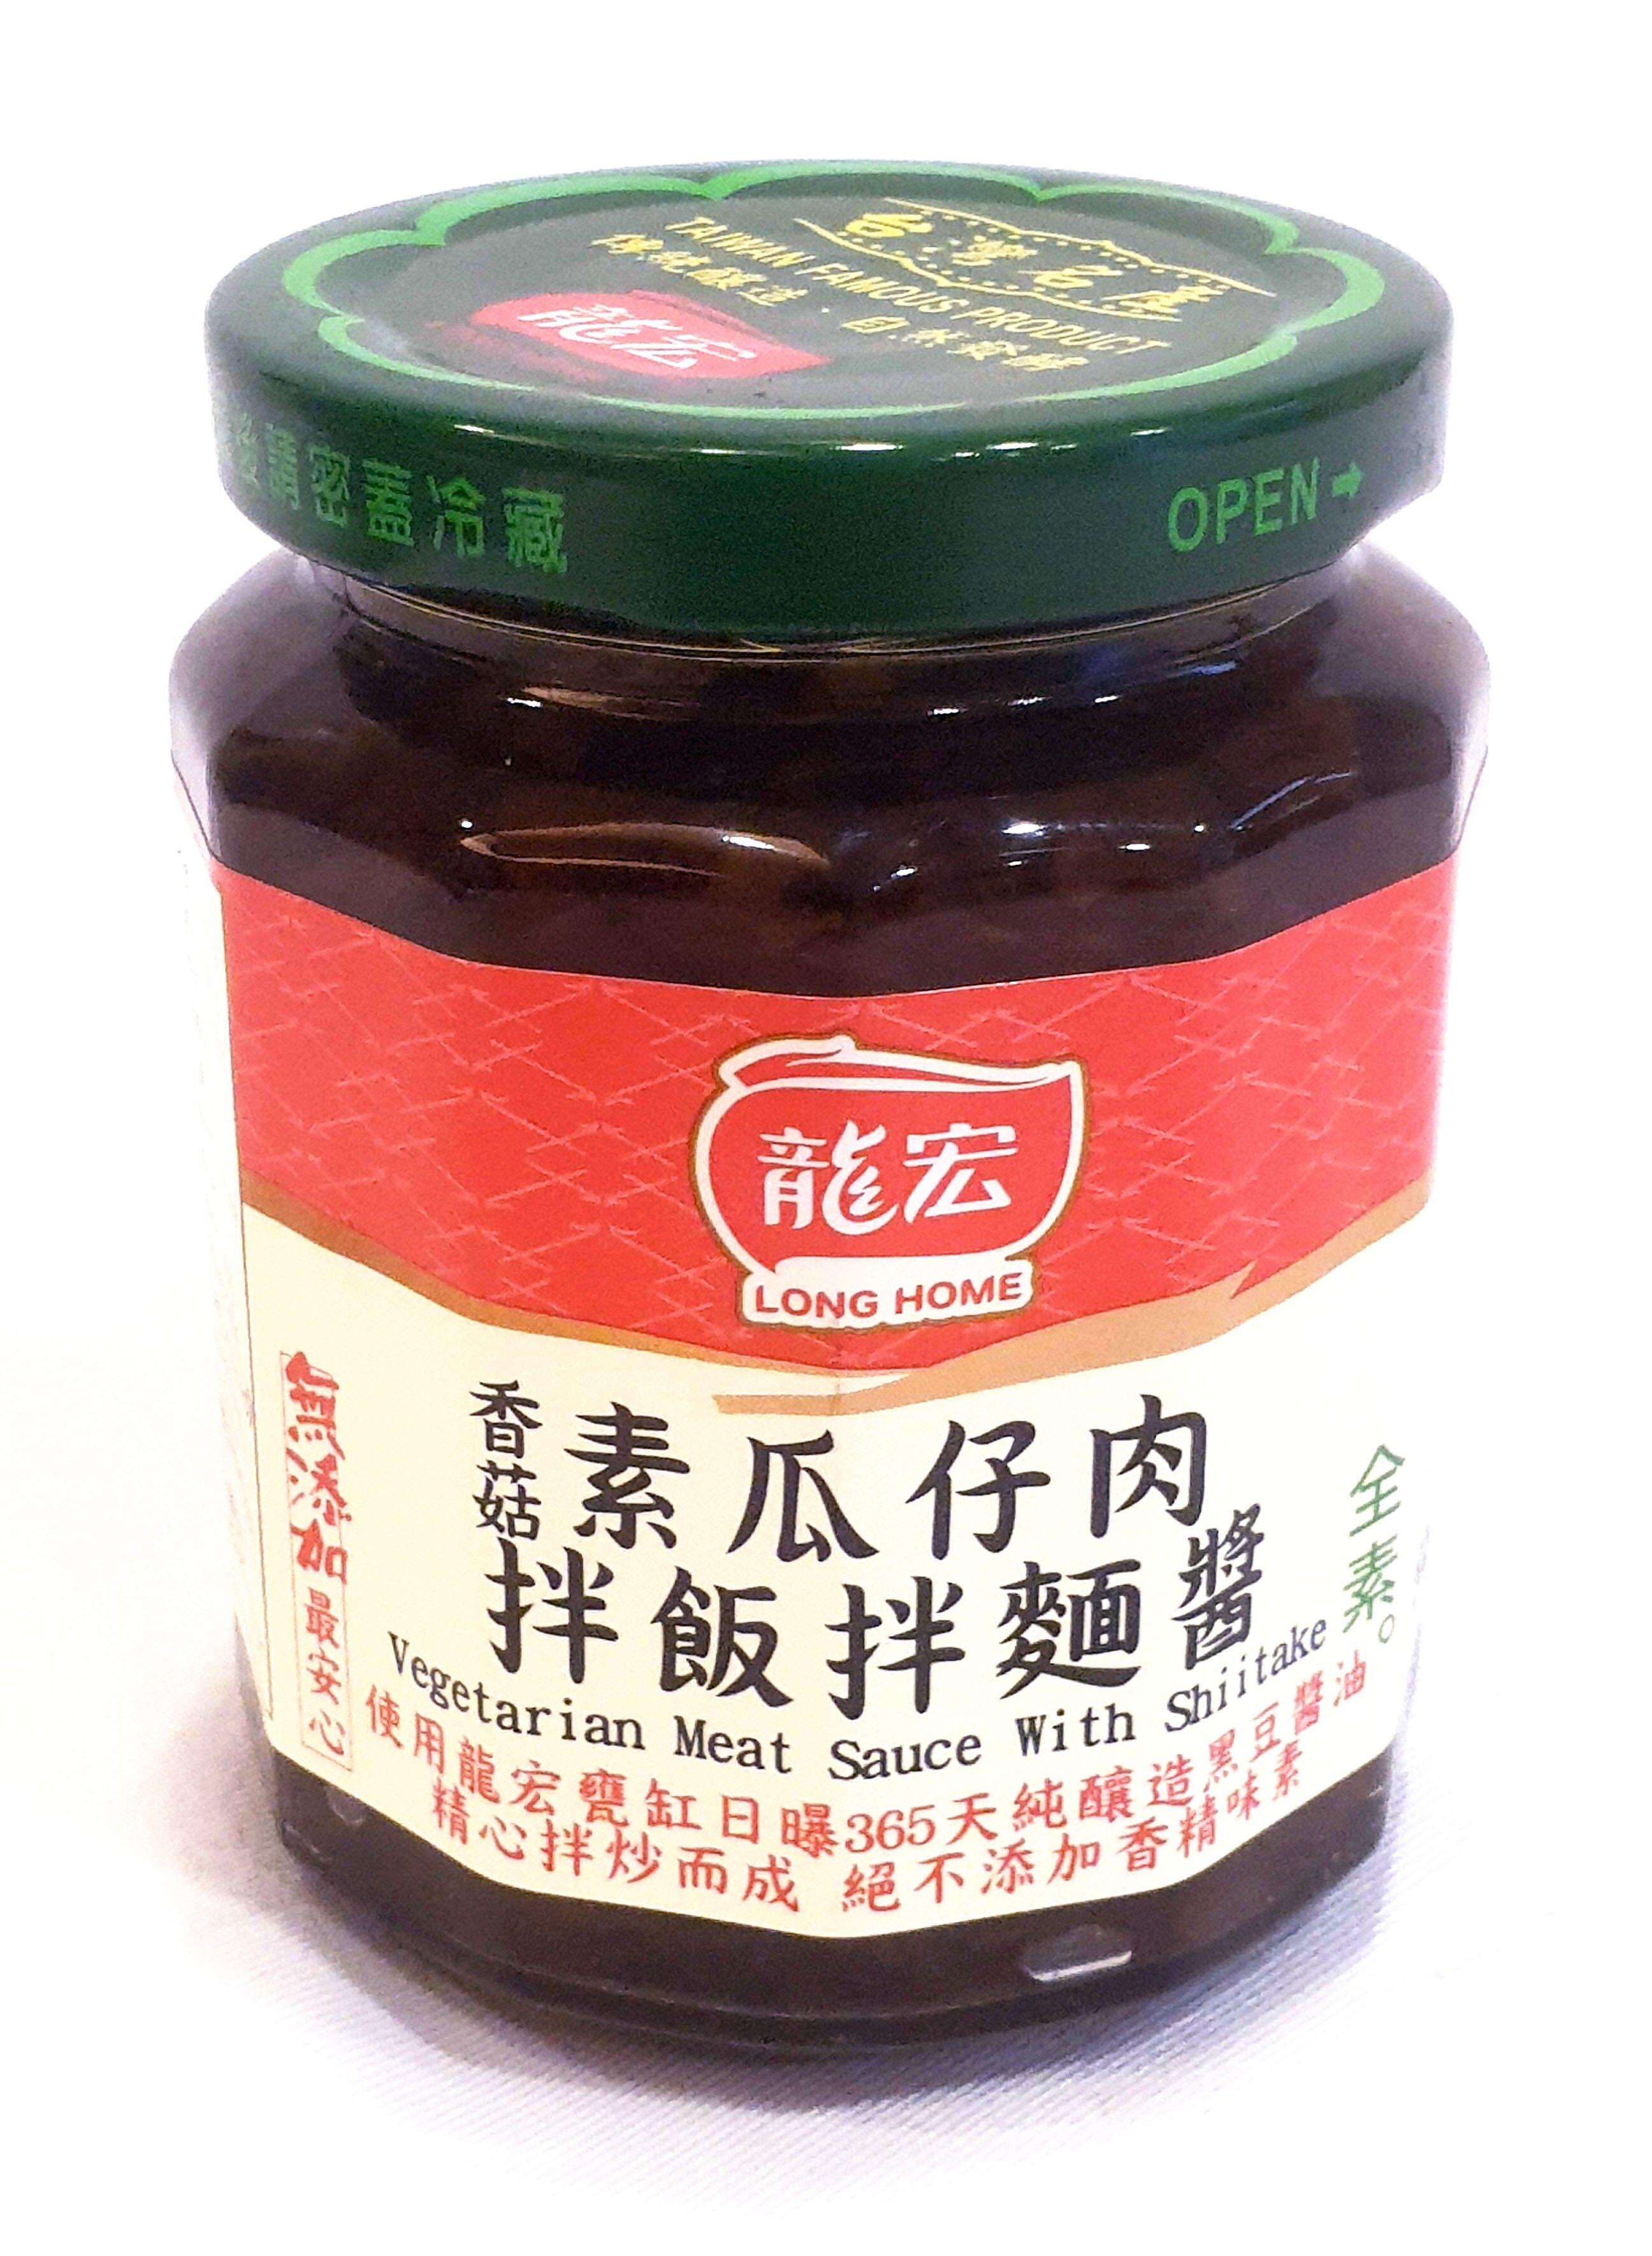 龍宏 香菇素瓜仔肉拌飯拌麵醬 260公克/罐  (台灣製造)